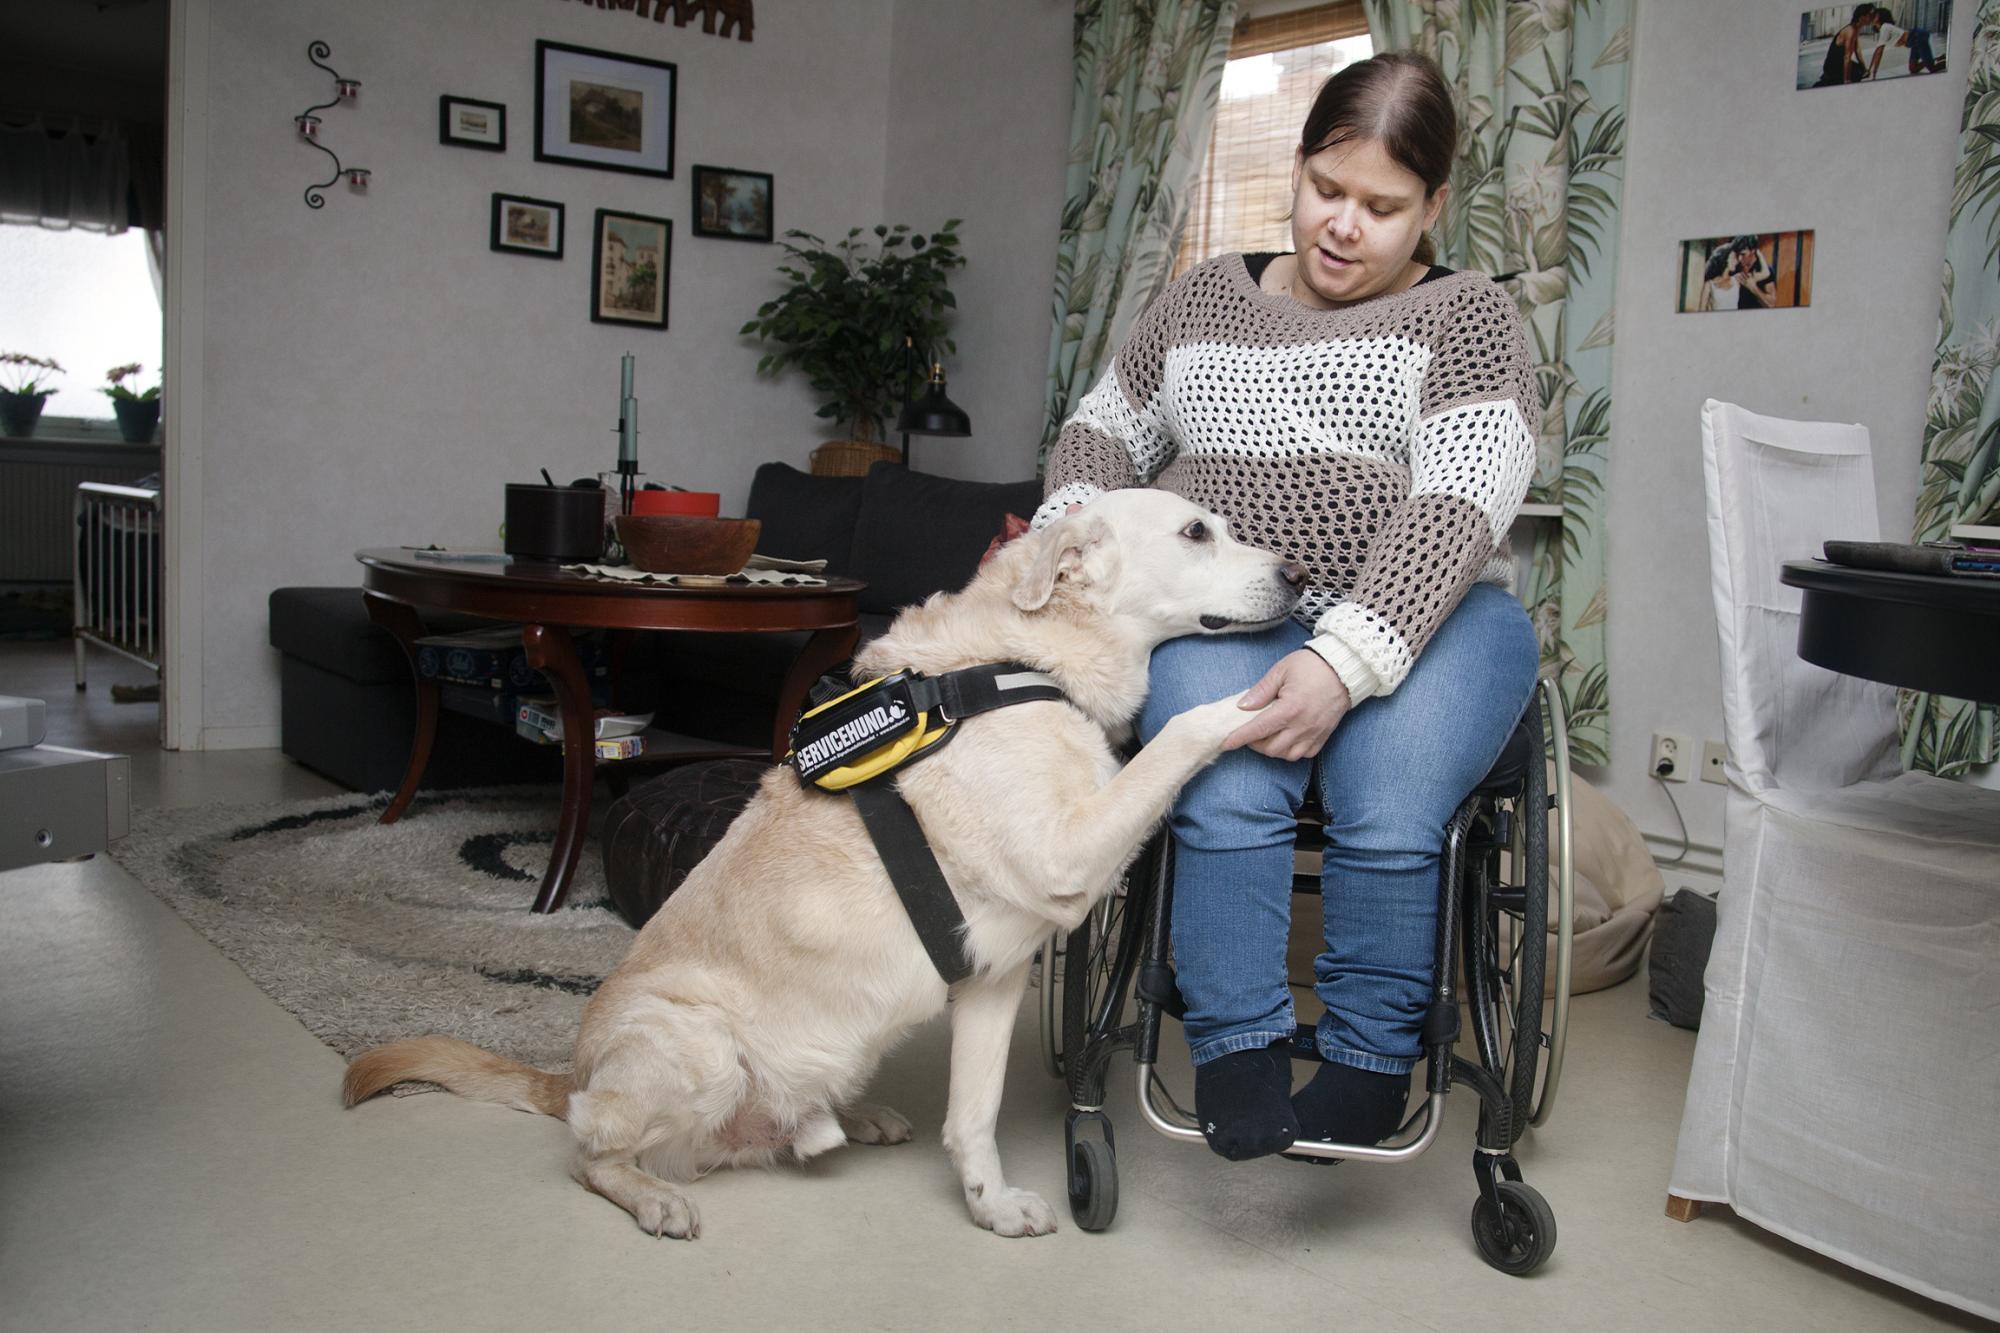 <span>På grund av ryggmärgsbråck sitter Carina i rullstol. Nalle är en trygghet för henne och hjälper henne i vardagen.</span>